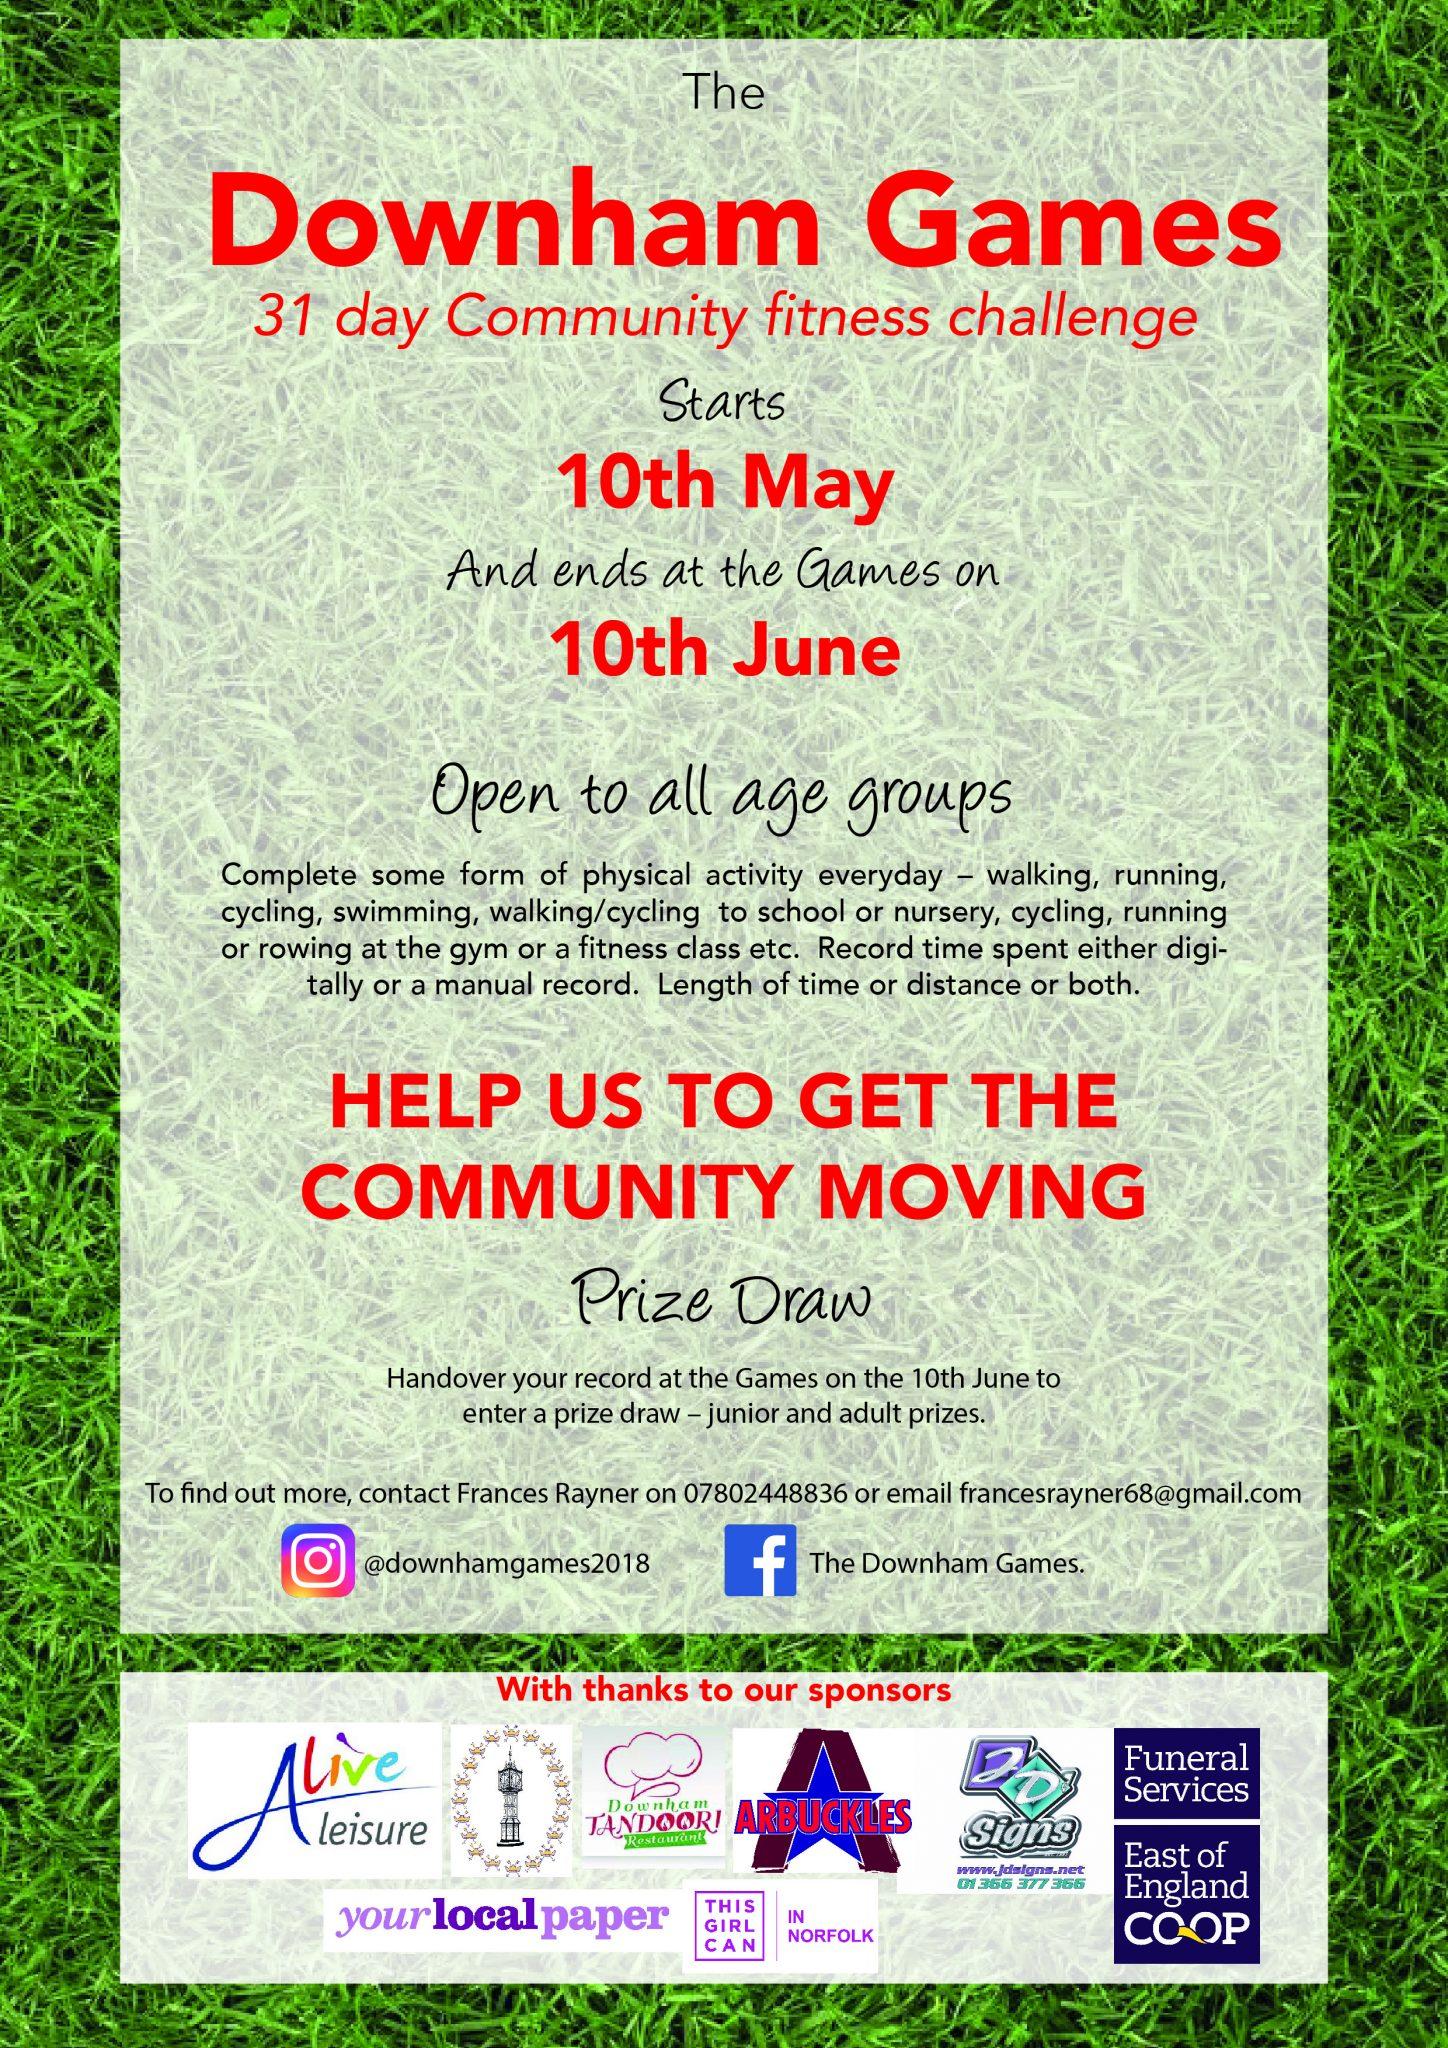 Downham Games - Community Fitness Challenge - downhamweb